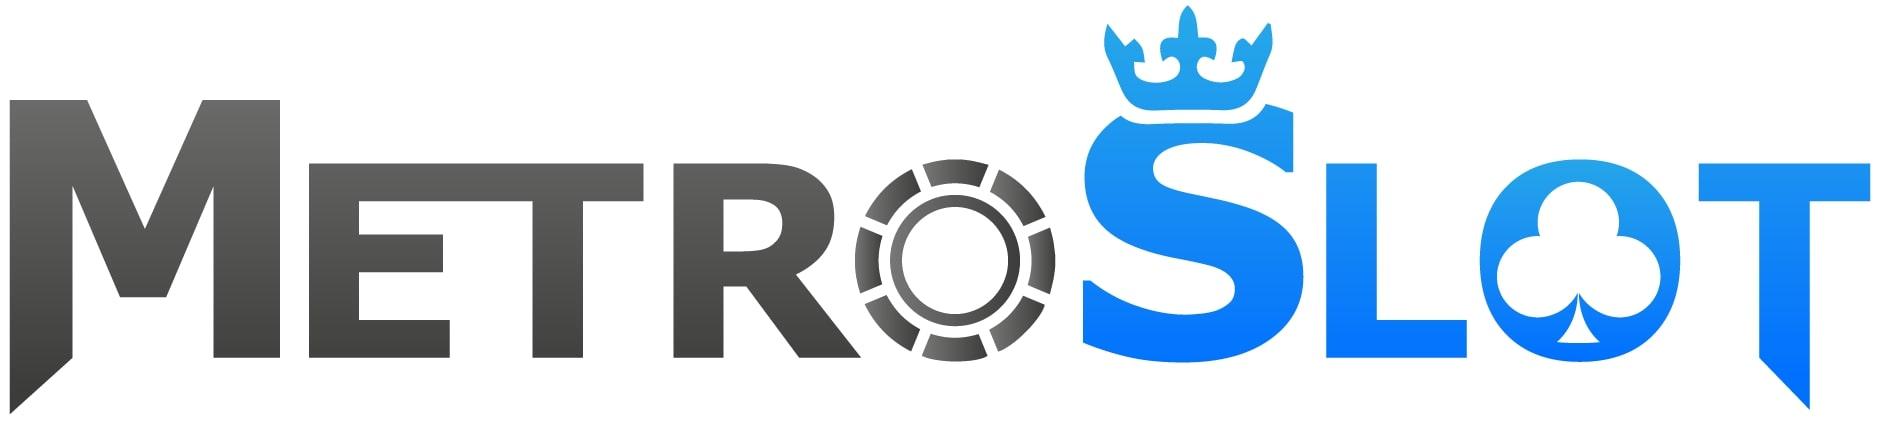 metroslot logo görsel